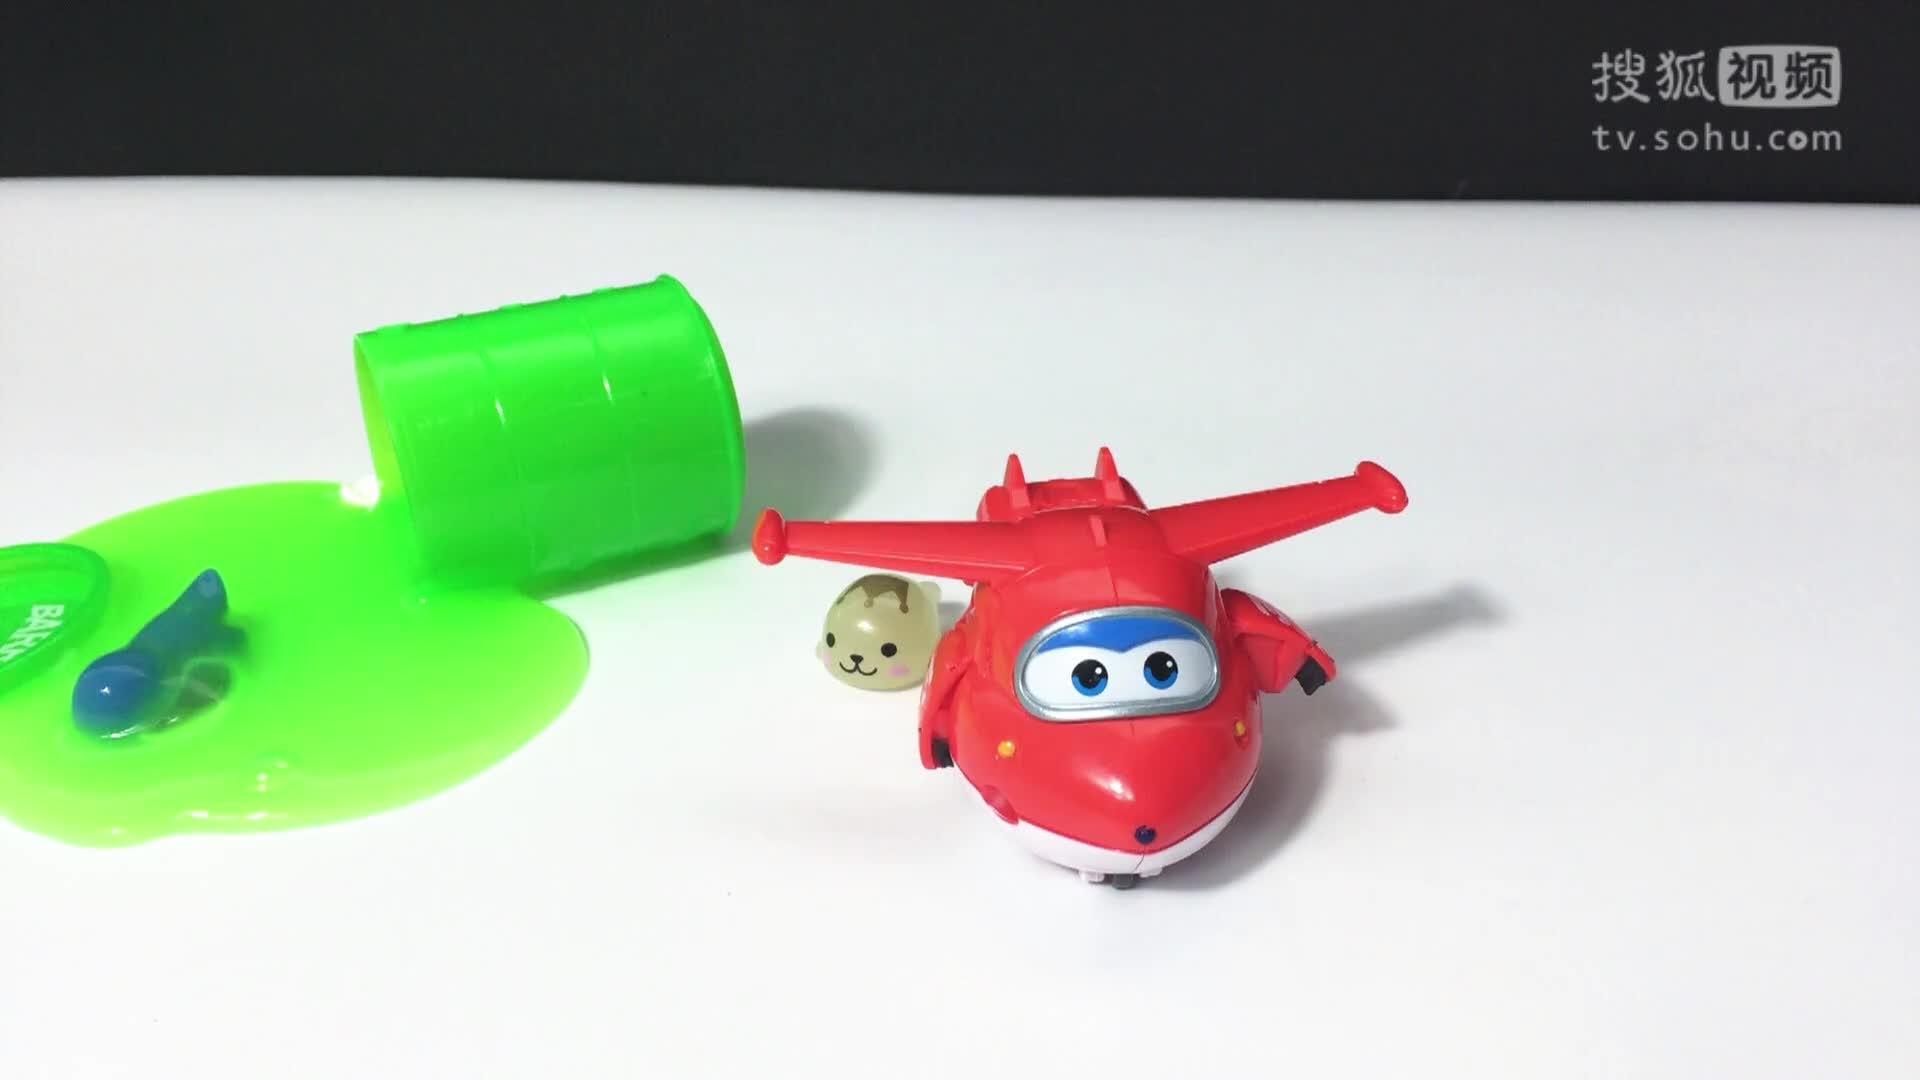 超级飞侠拯救小恐龙 日本食玩 qq粘土定格动画